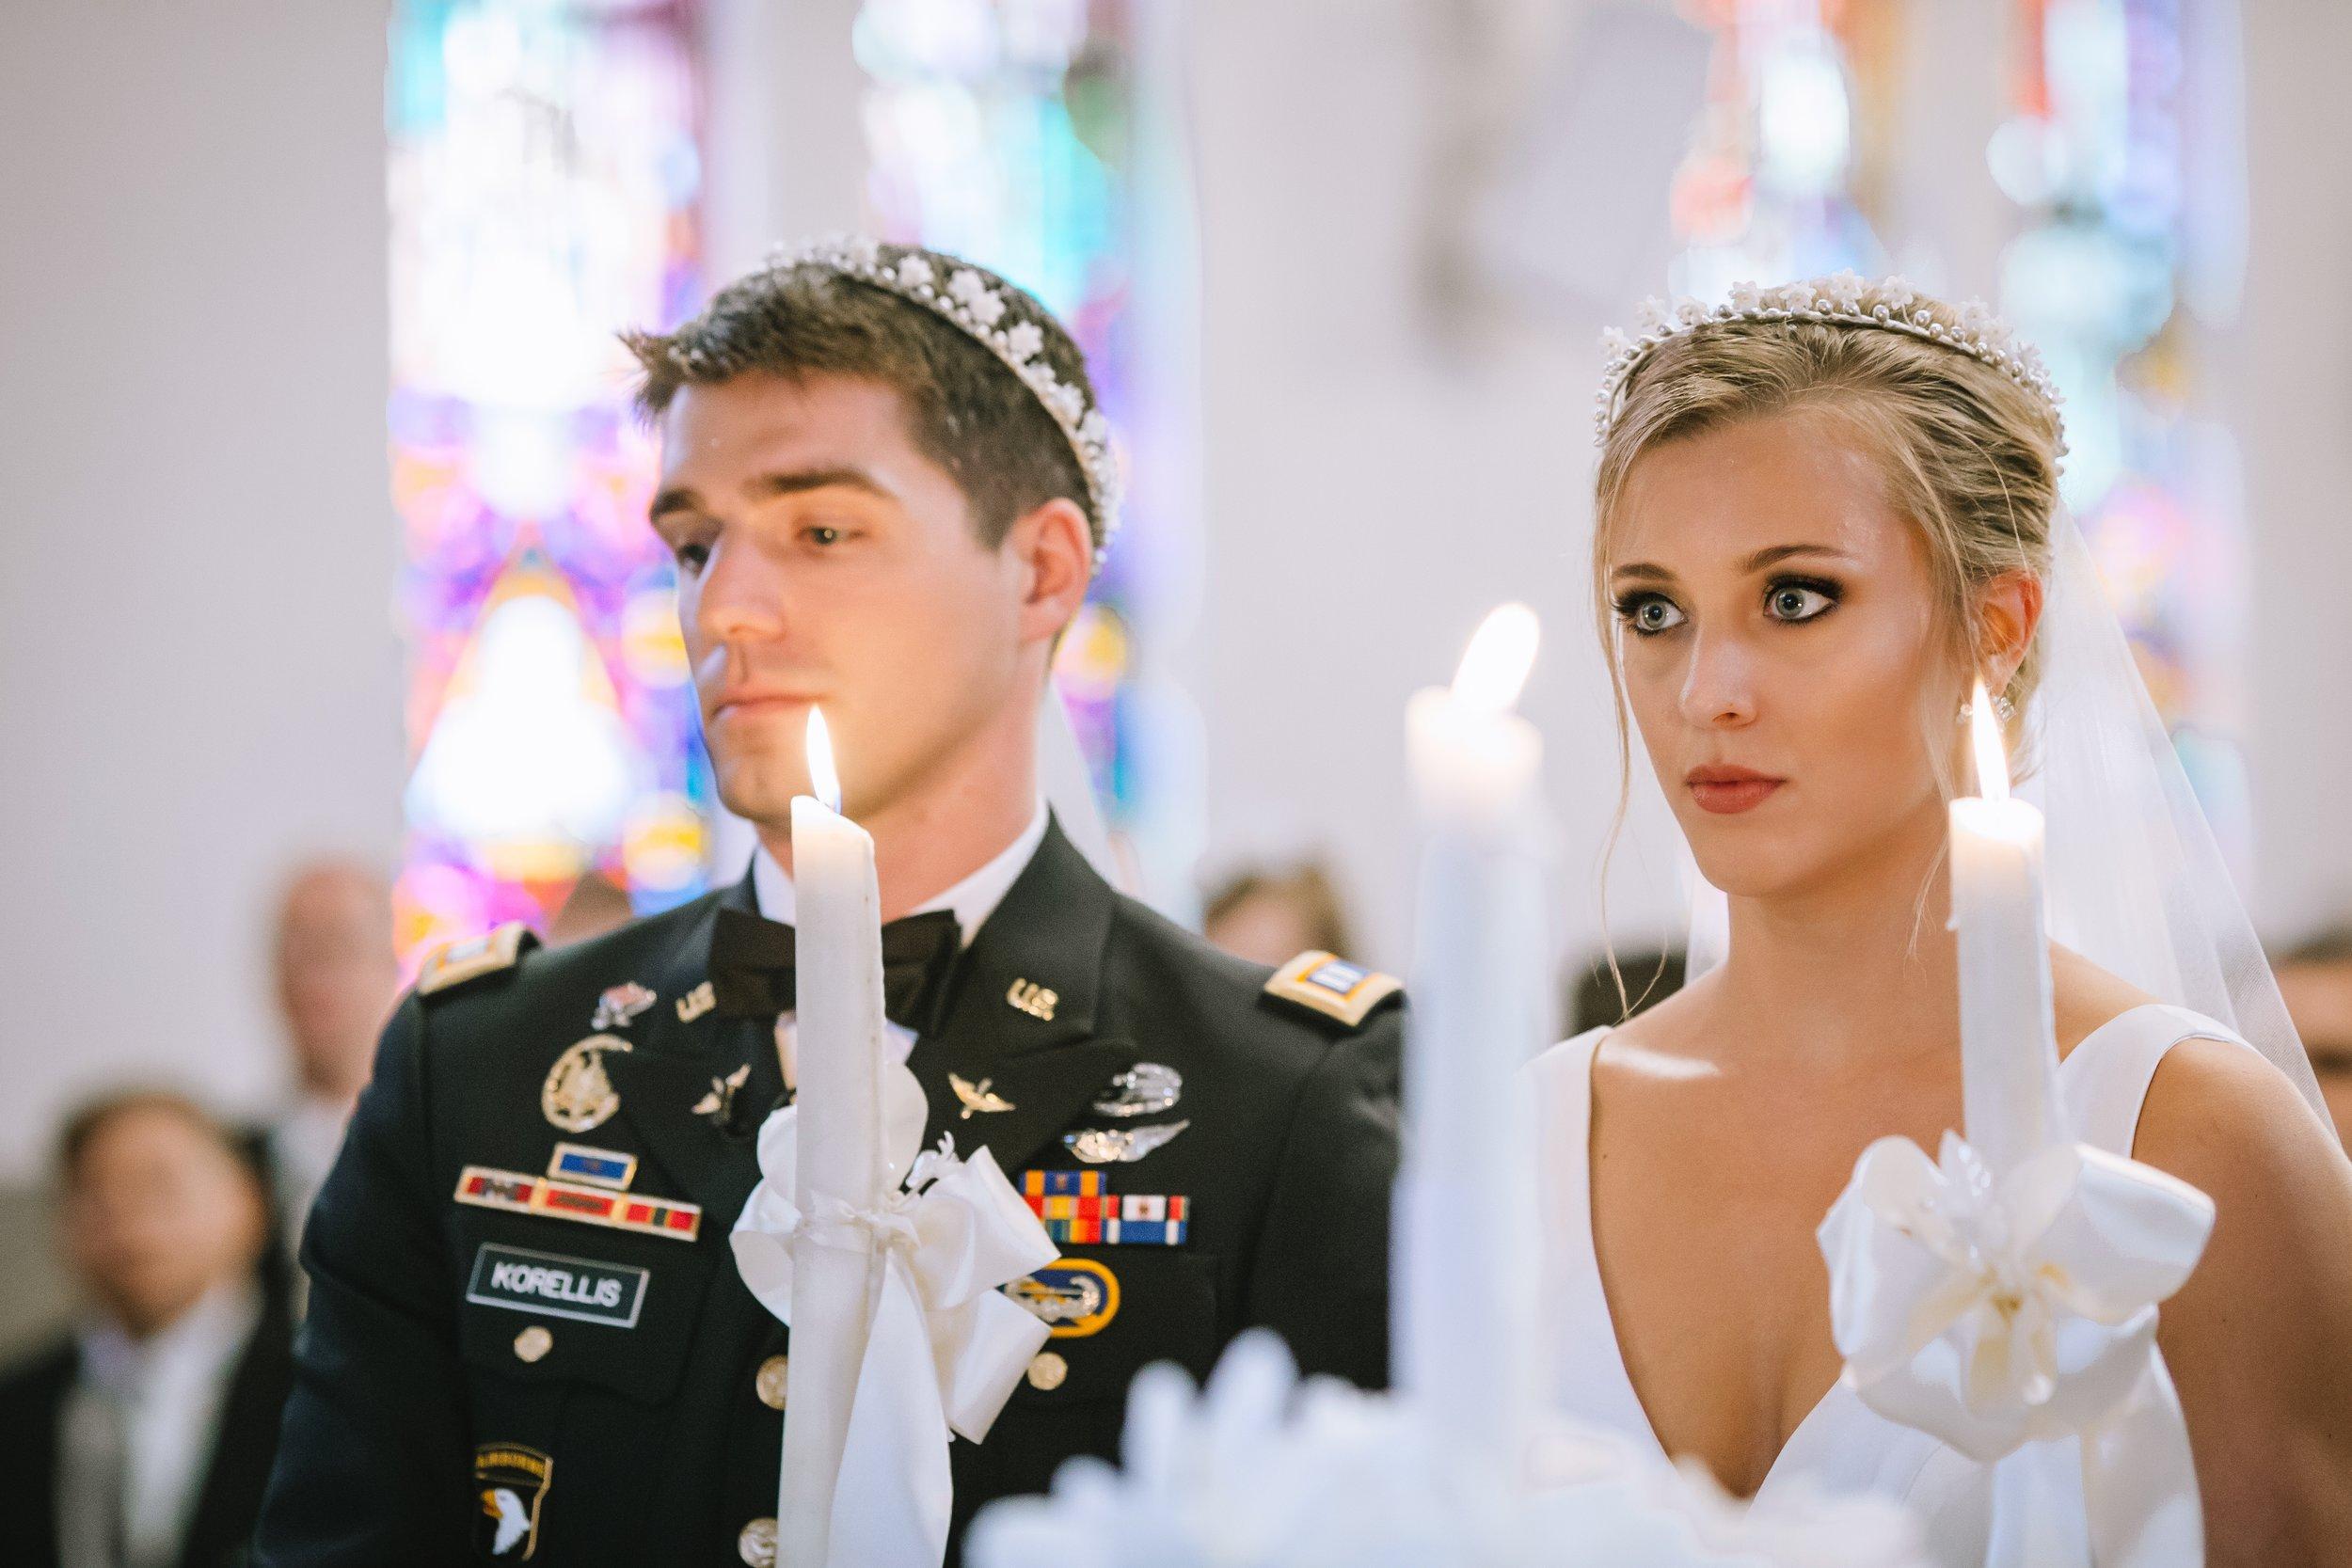 greek-bride-and-groom.jpg